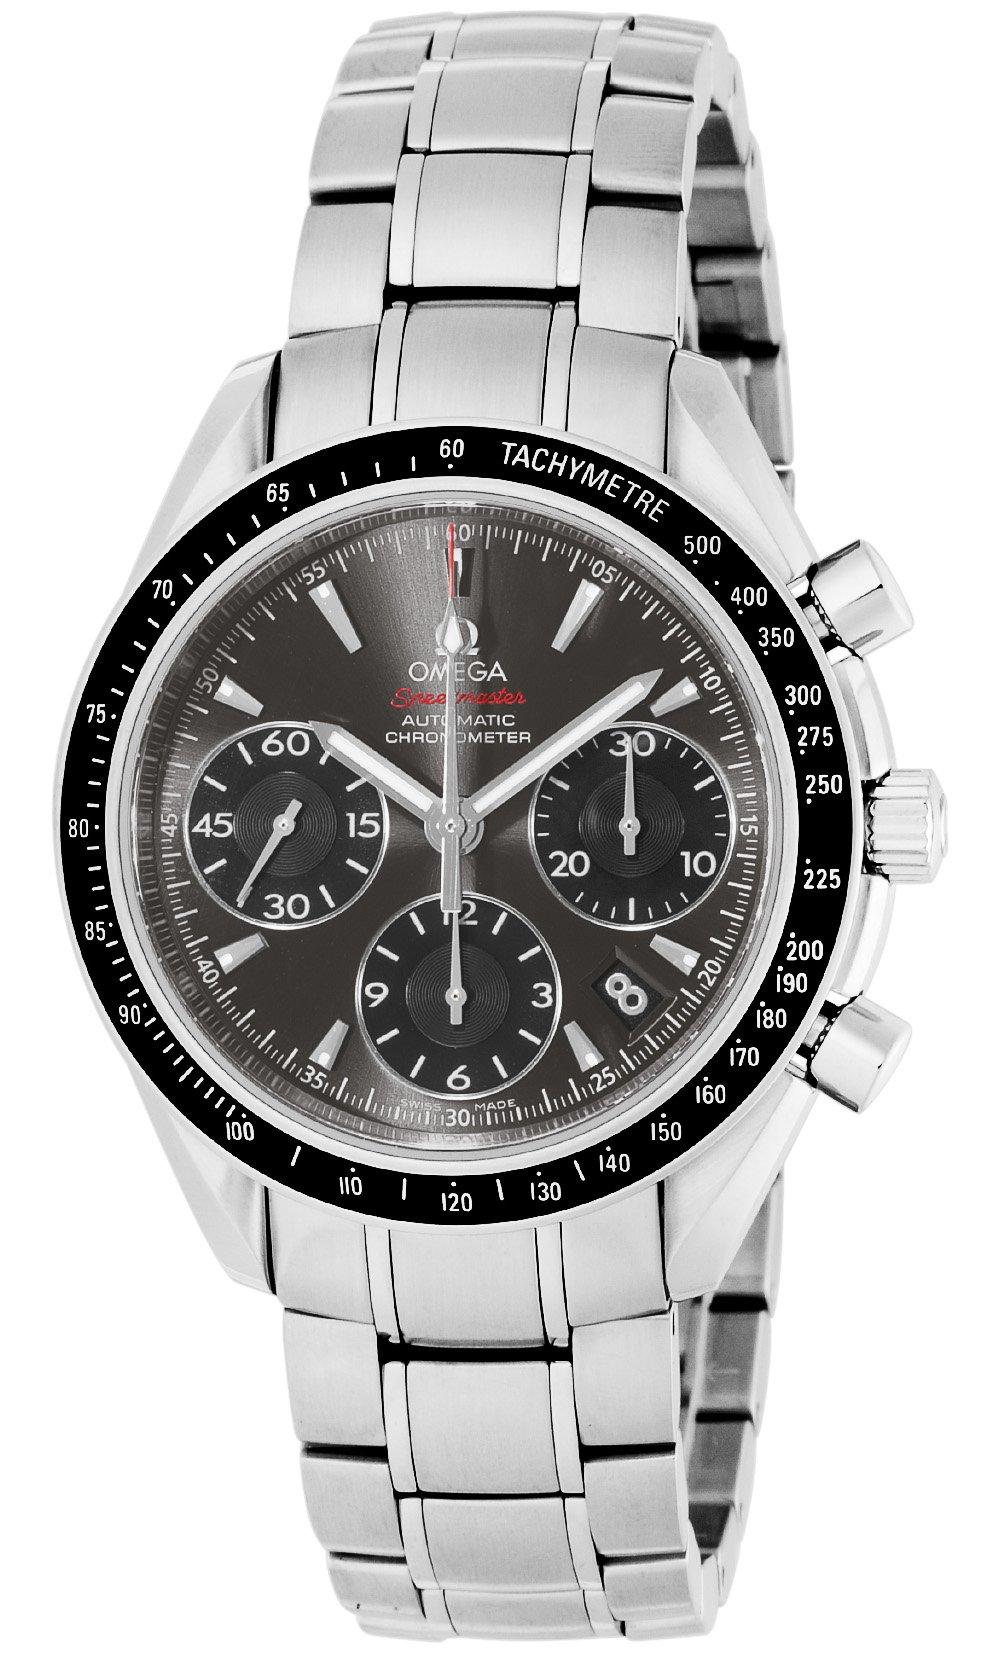 [オメガ]OMEGA 腕時計 スピードマスター 自動巻 323.30.40.40.06.001 メンズ 【並行輸入品】